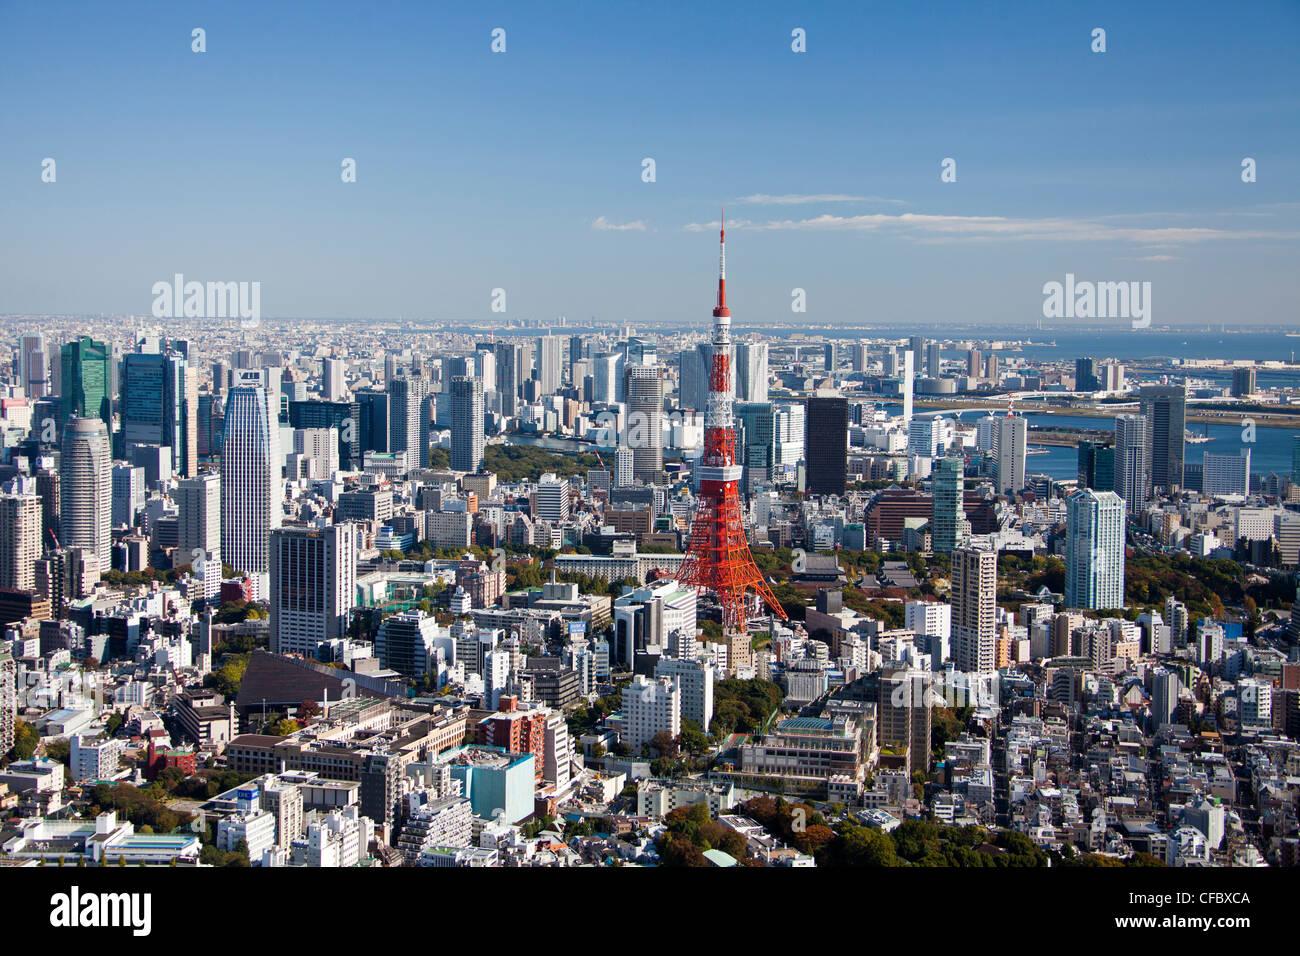 Giappone, Asia, Tokyo, città, Tokyo, la Torre di Tokyo, architettura, grande, edifici, città enorme metropoli, Immagini Stock